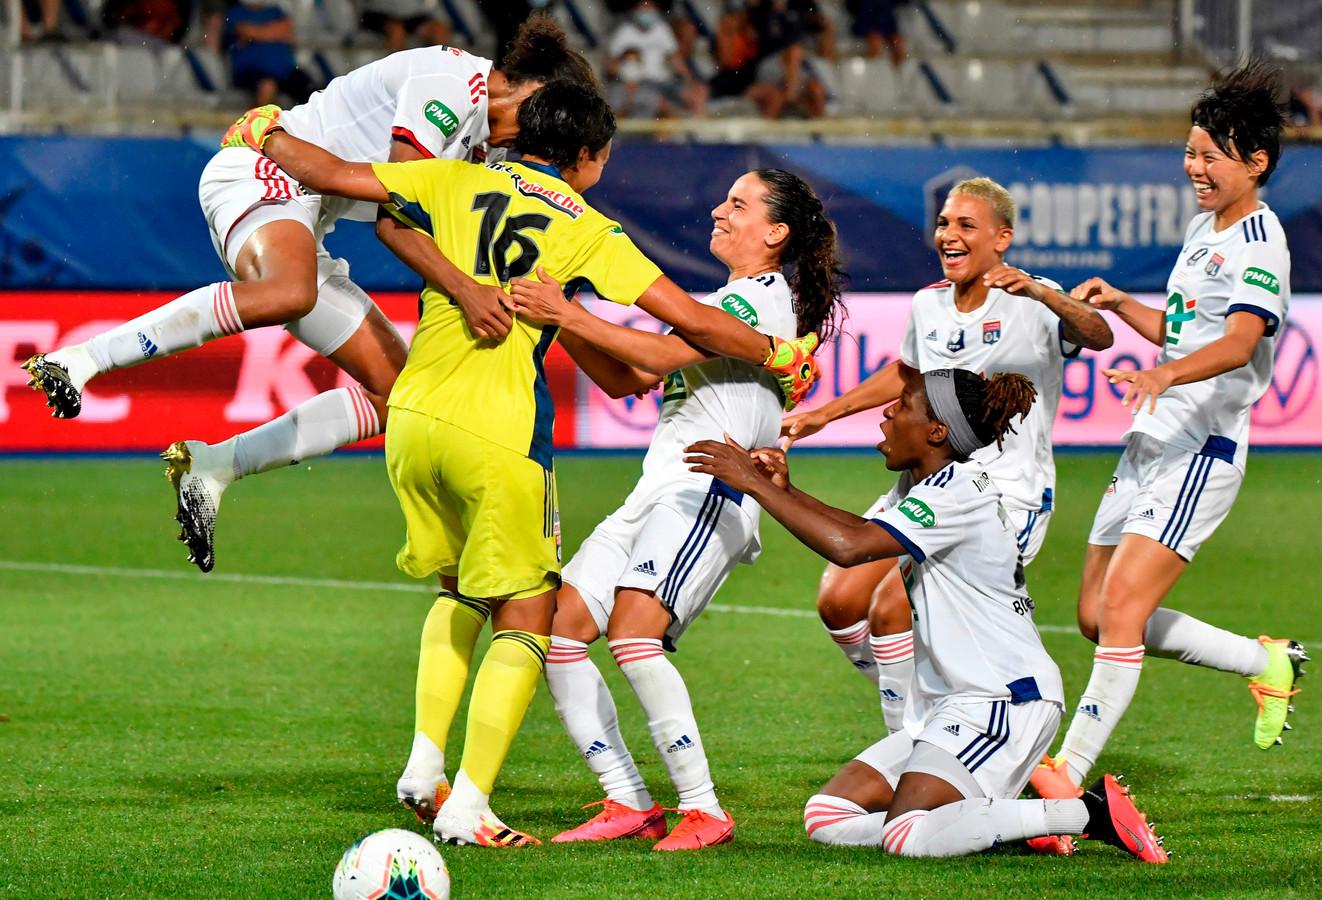 Vreugde bij de speelsters van Olympique Lyon na de gewonnen strafschoppenserie tegen Paris Saint-Germain.